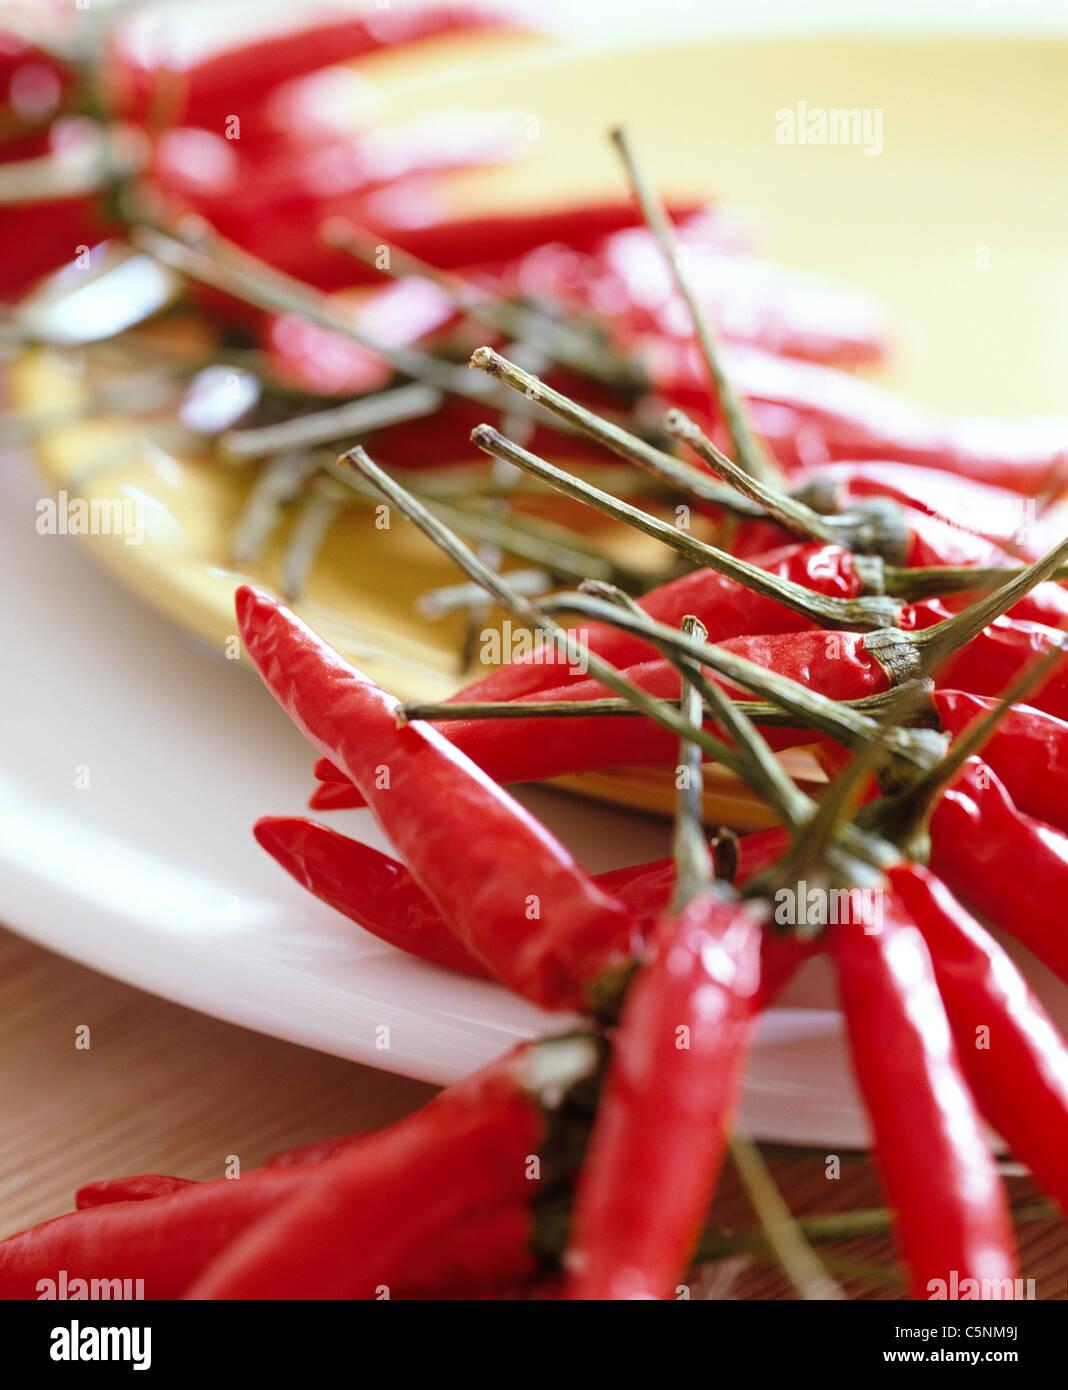 Une chaîne avec des gousses de piment rouge Photo Stock